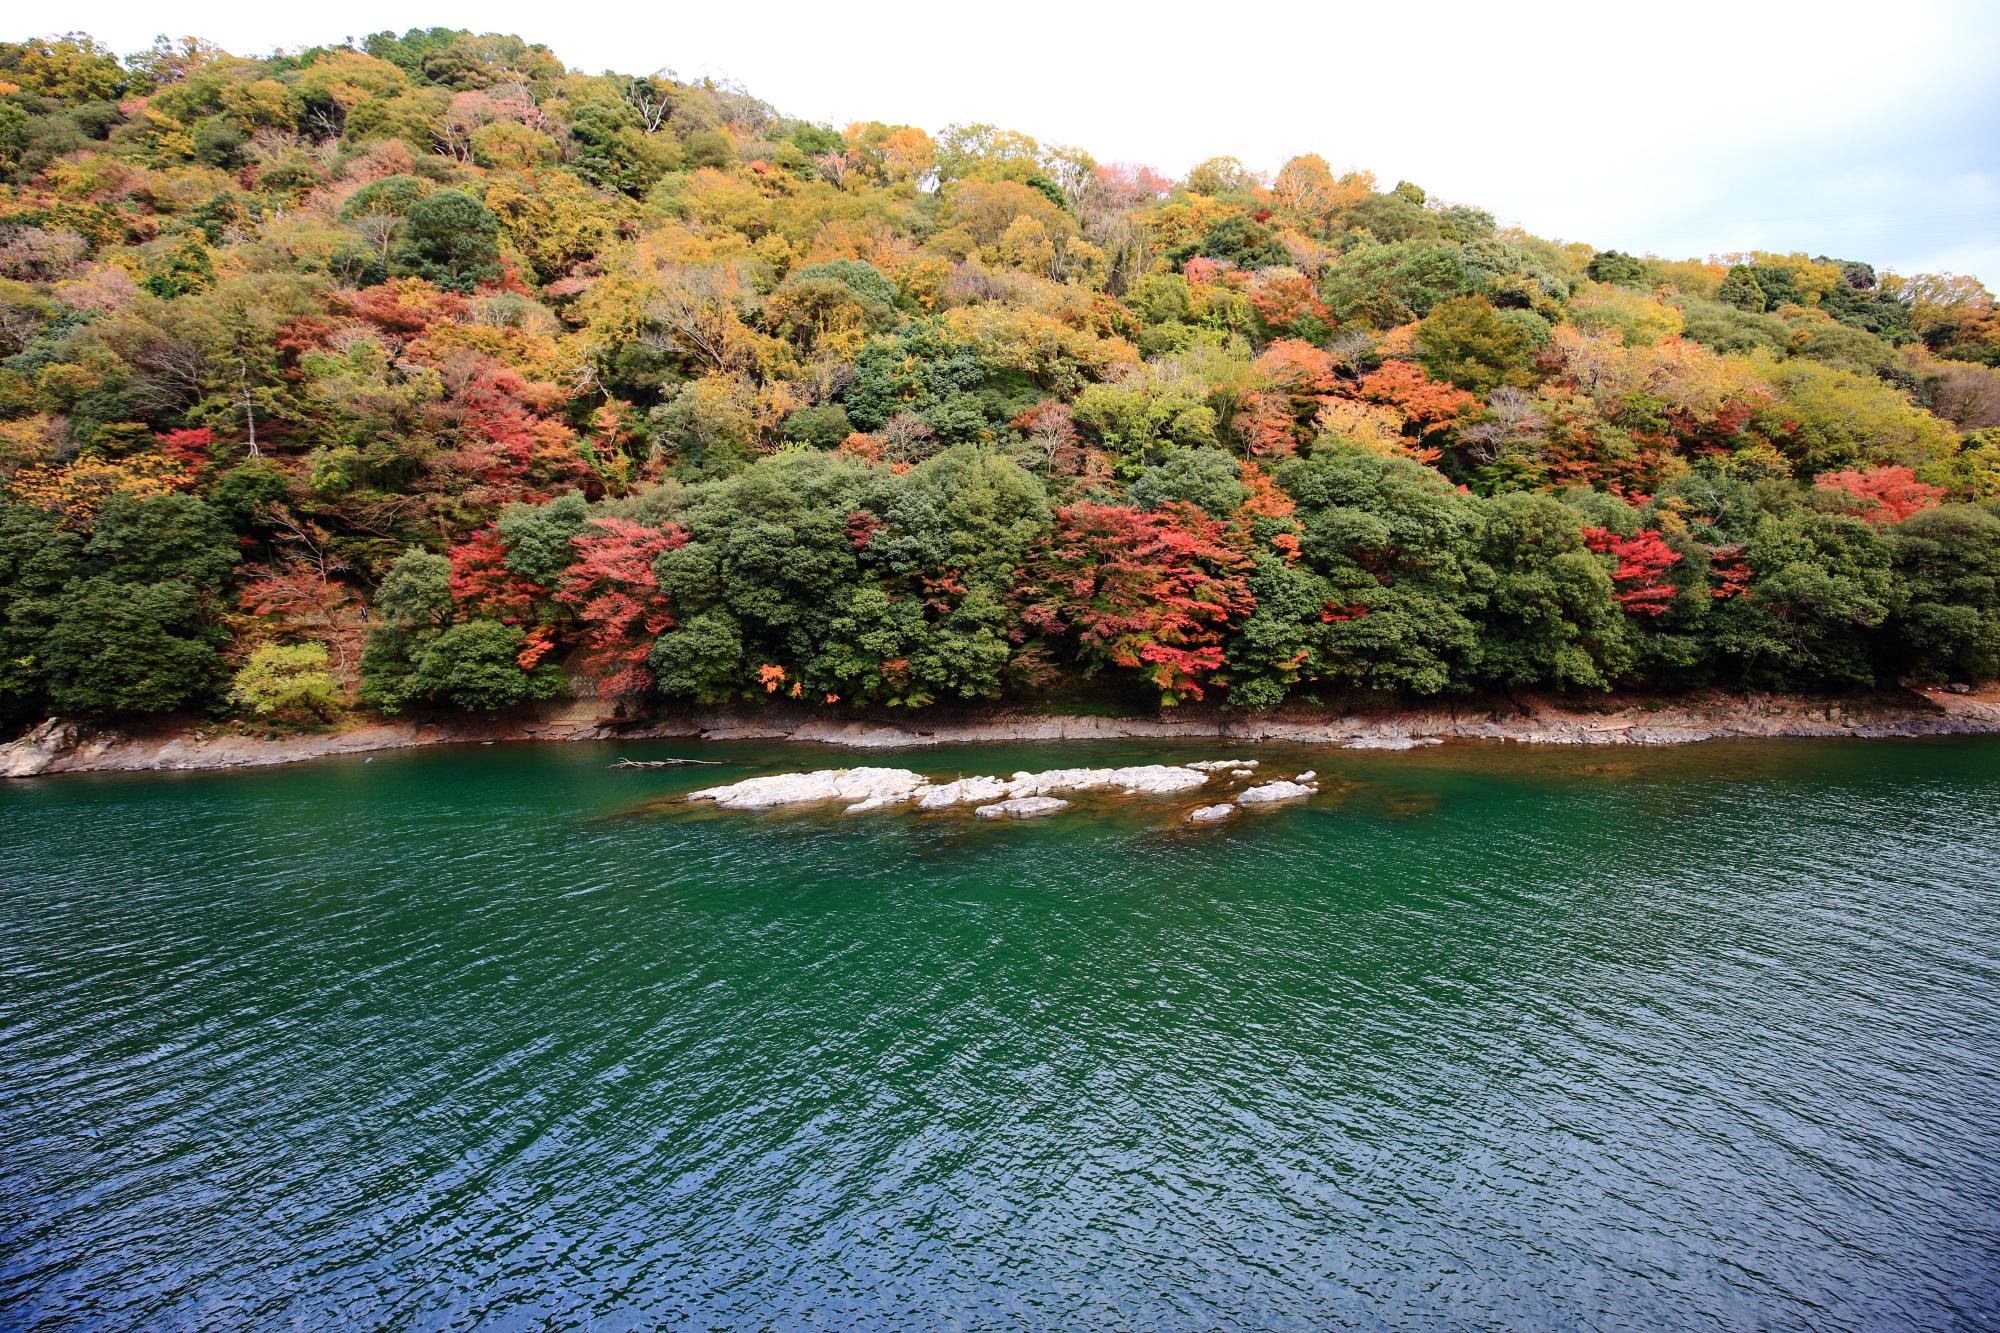 宇治川の色とりどりの紅葉と長閑な流れ